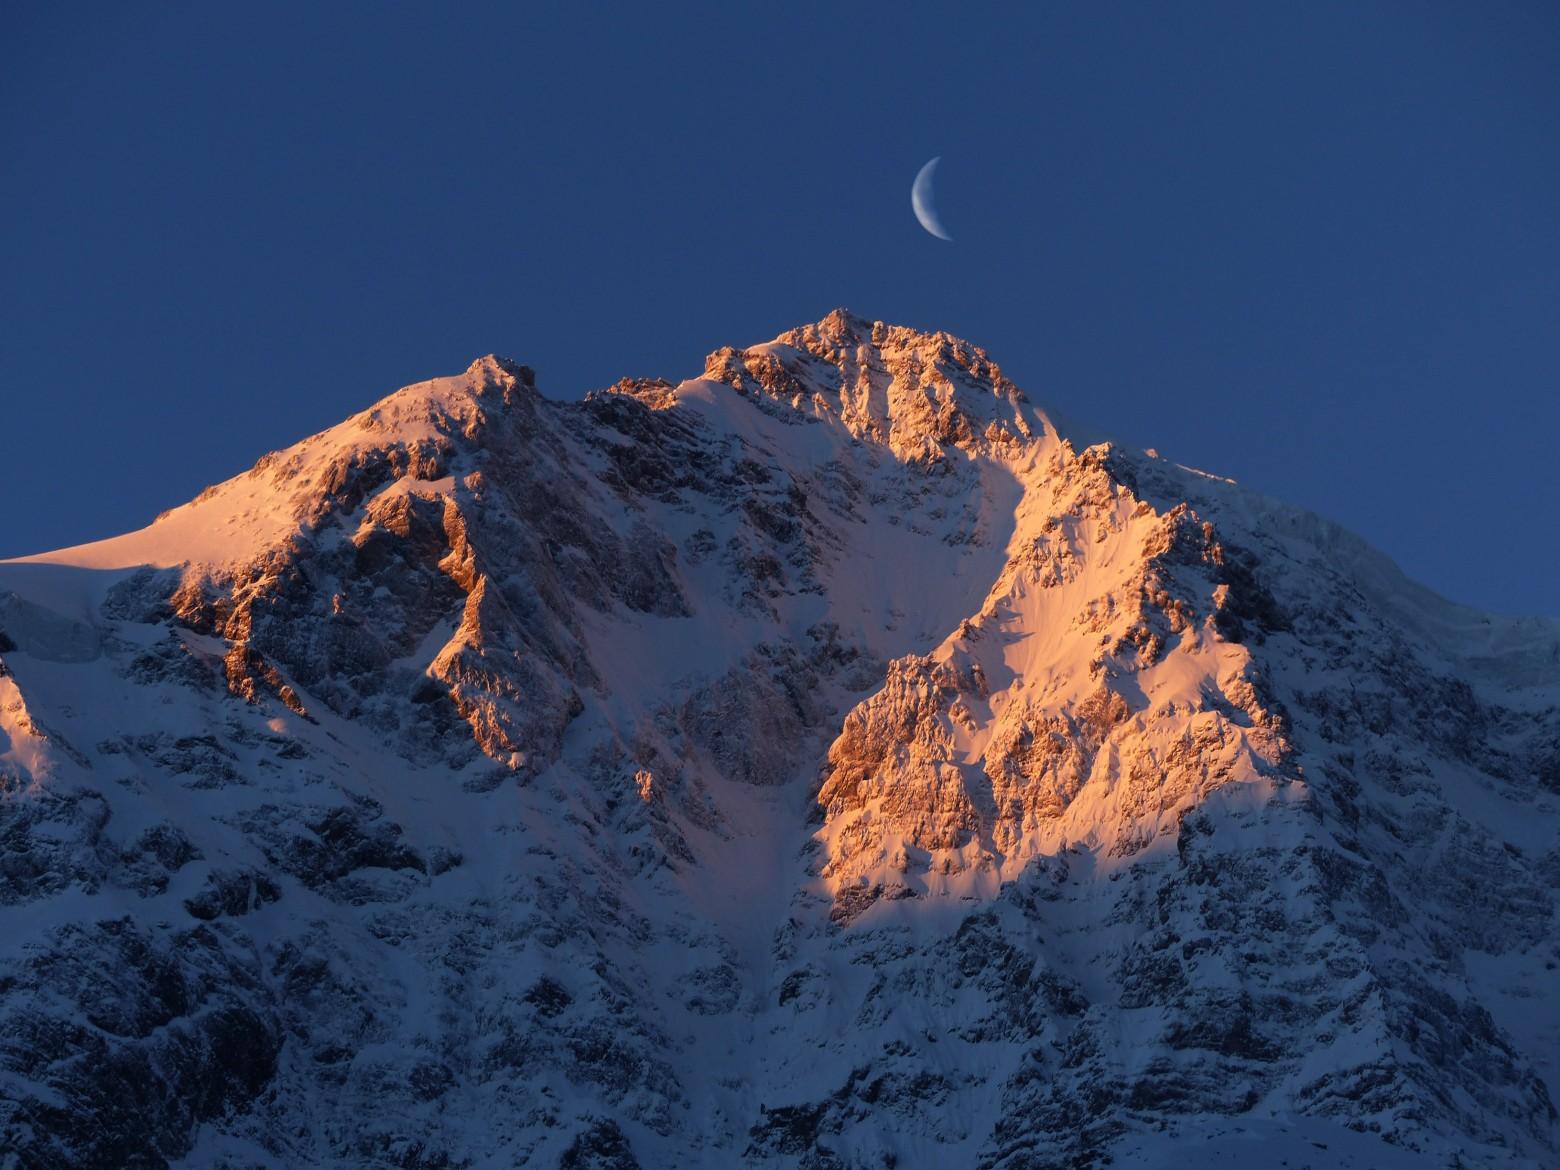 Montagne sous un coucher de soleil images photos gratuites libres de droits images gratuites - Photo coucher de soleil montagne ...